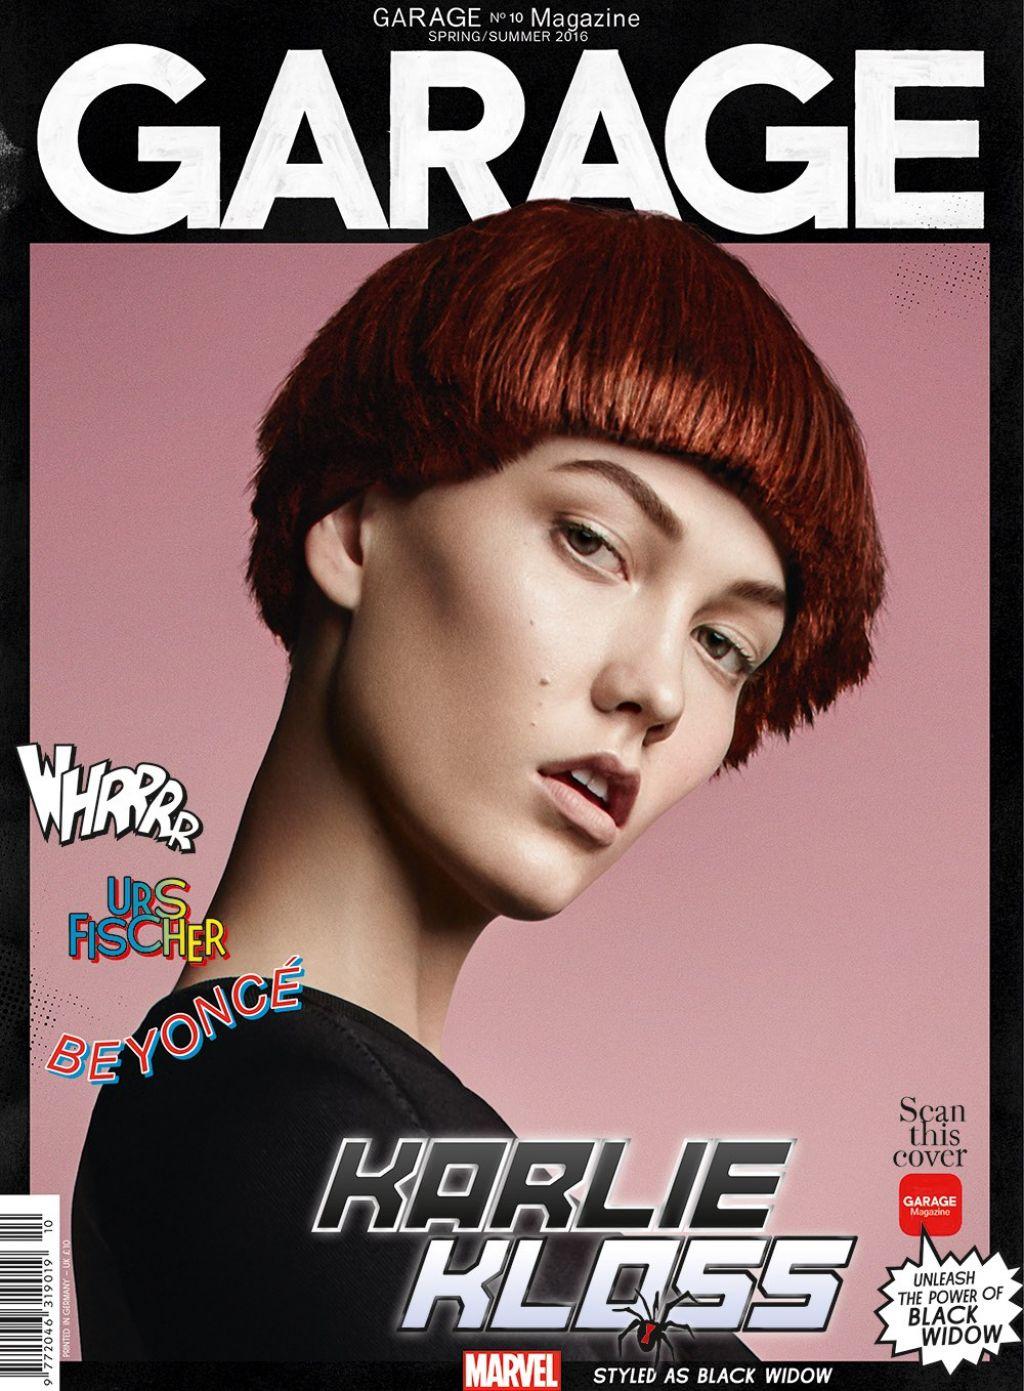 Karlie Kloss - Garage Magazine No. 10 Spring/Summer 2016